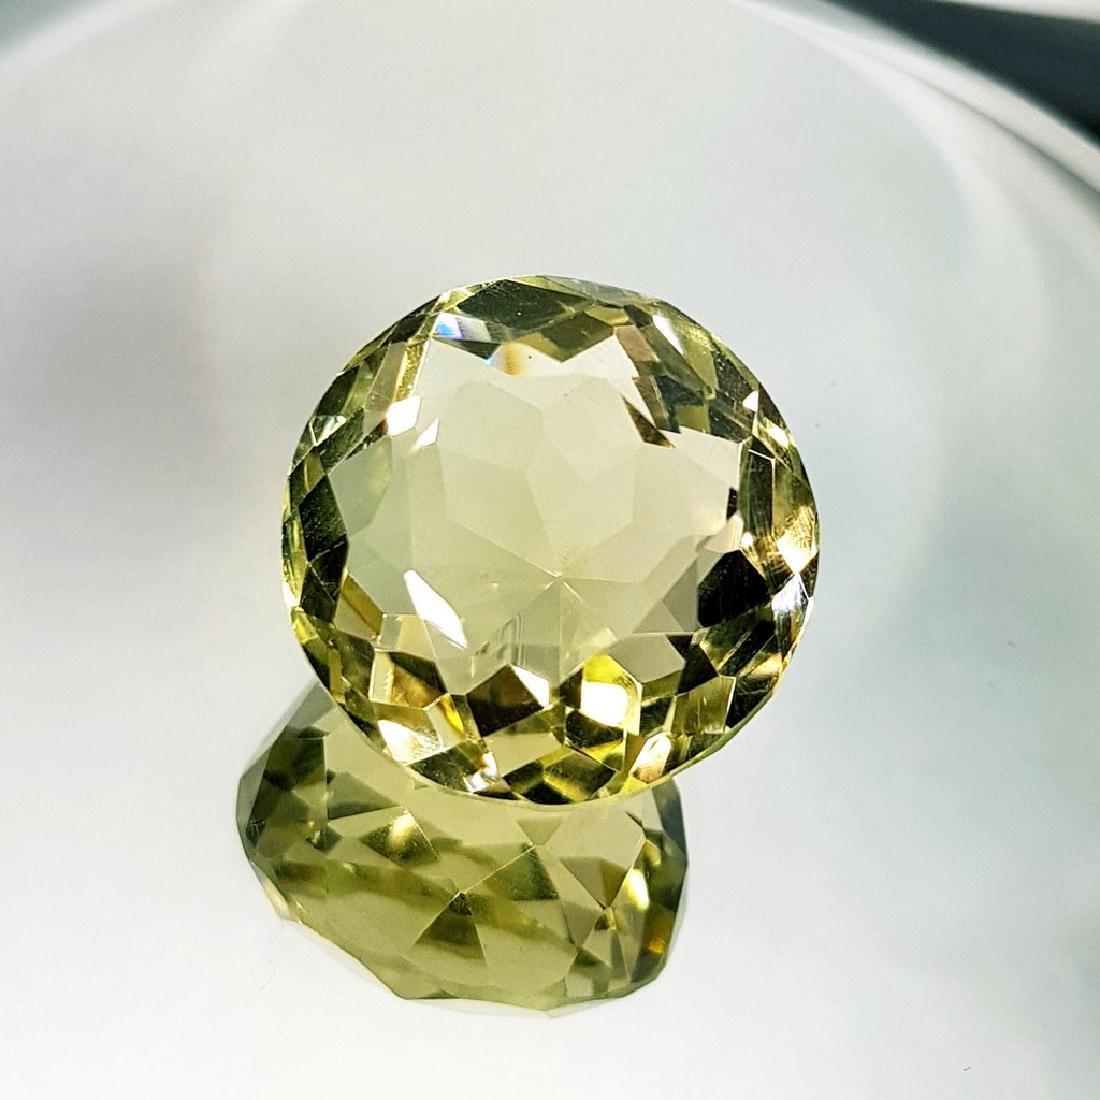 Green Gold Quartz - 44.06 ct